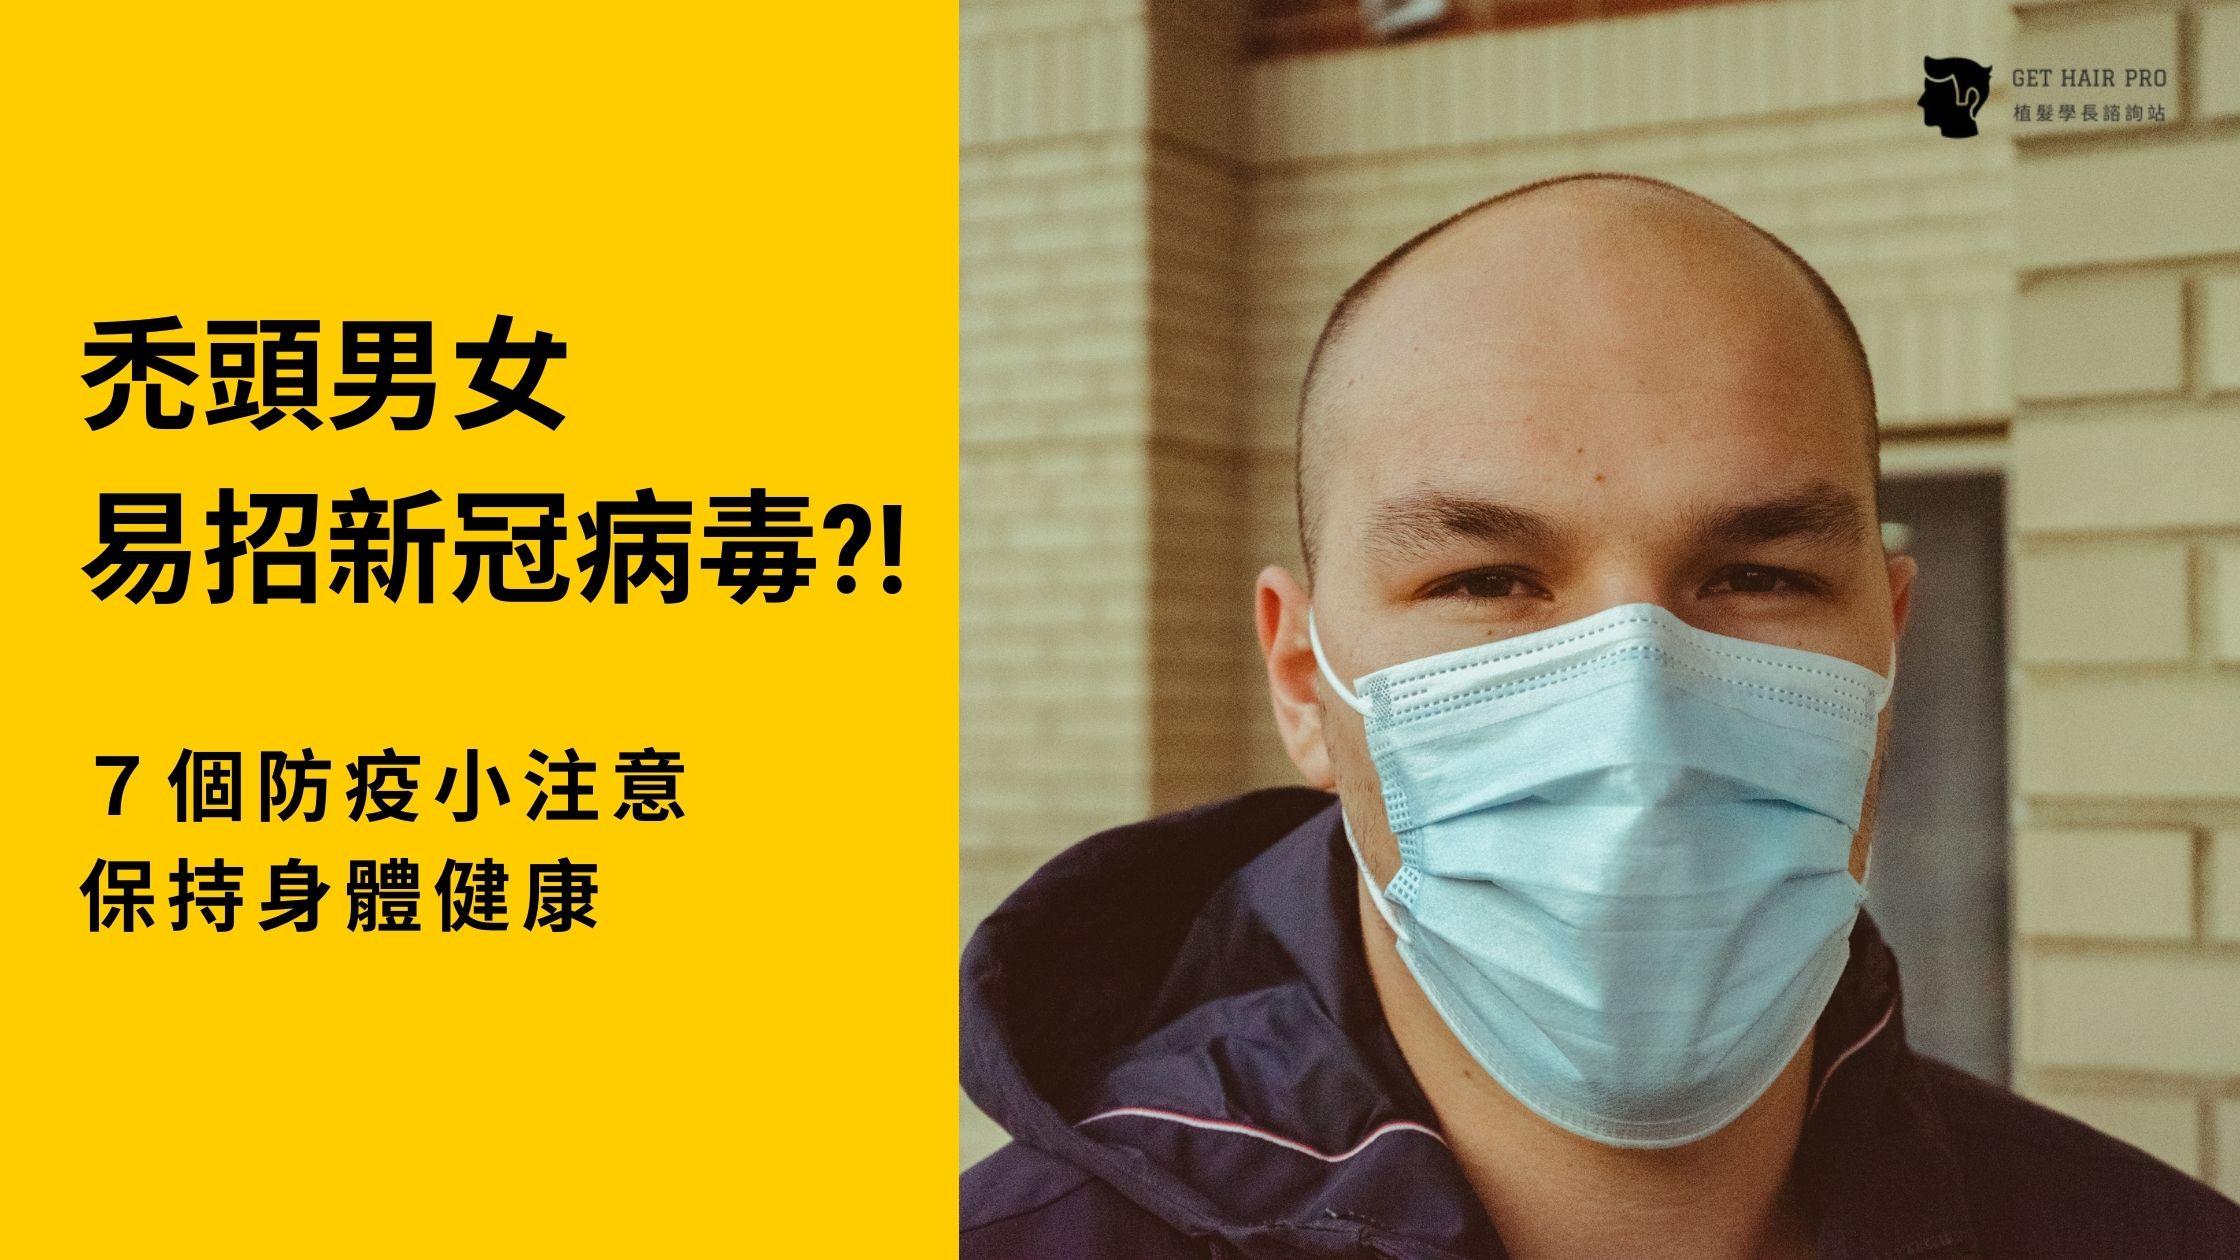 禿頭男女 易招新冠病毒?!